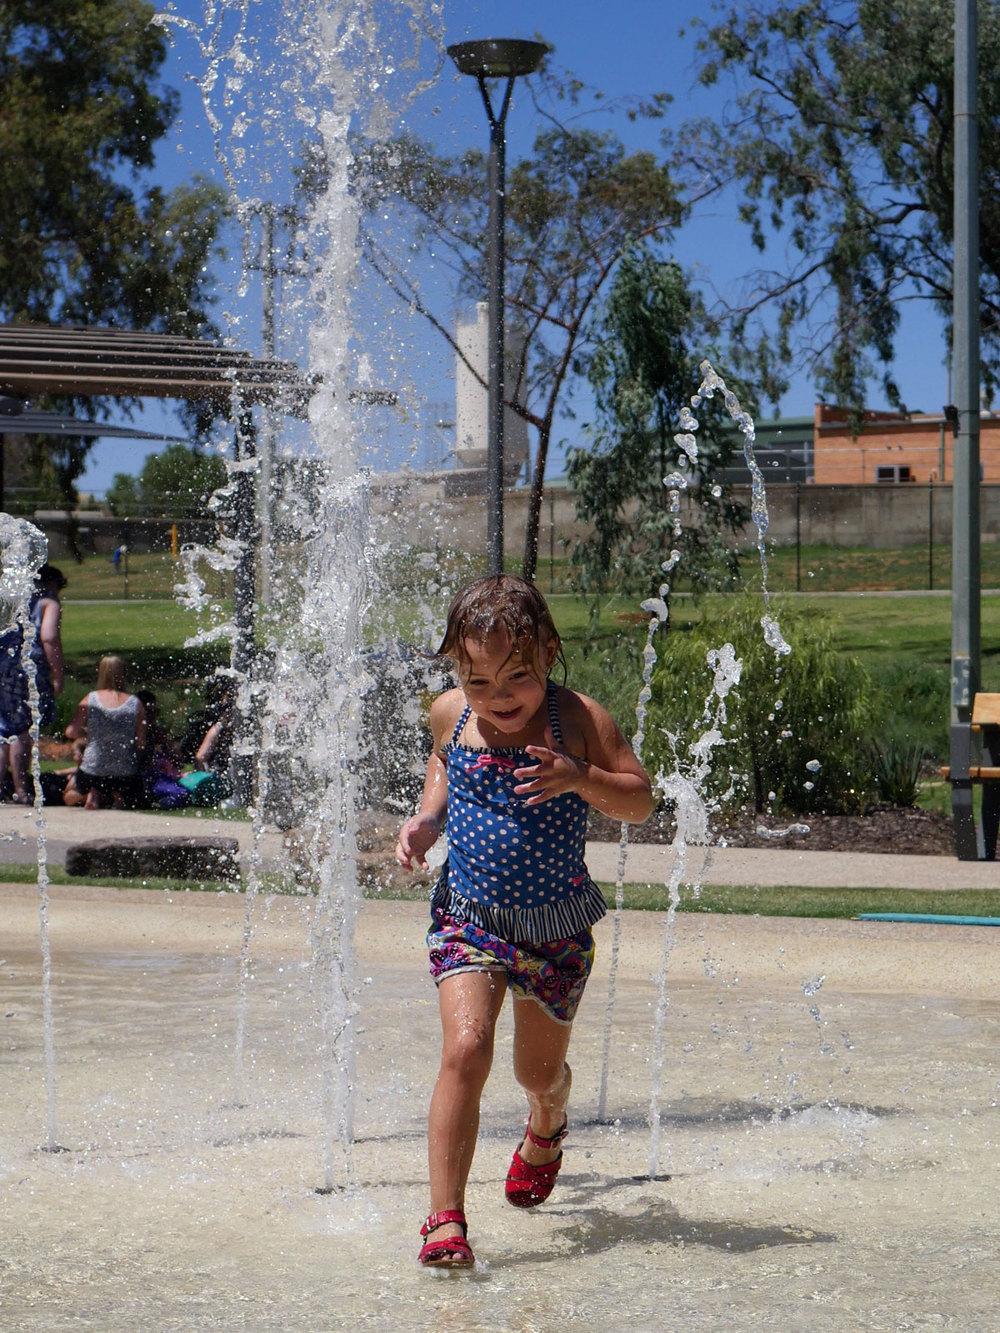 splash-park-7.jpg